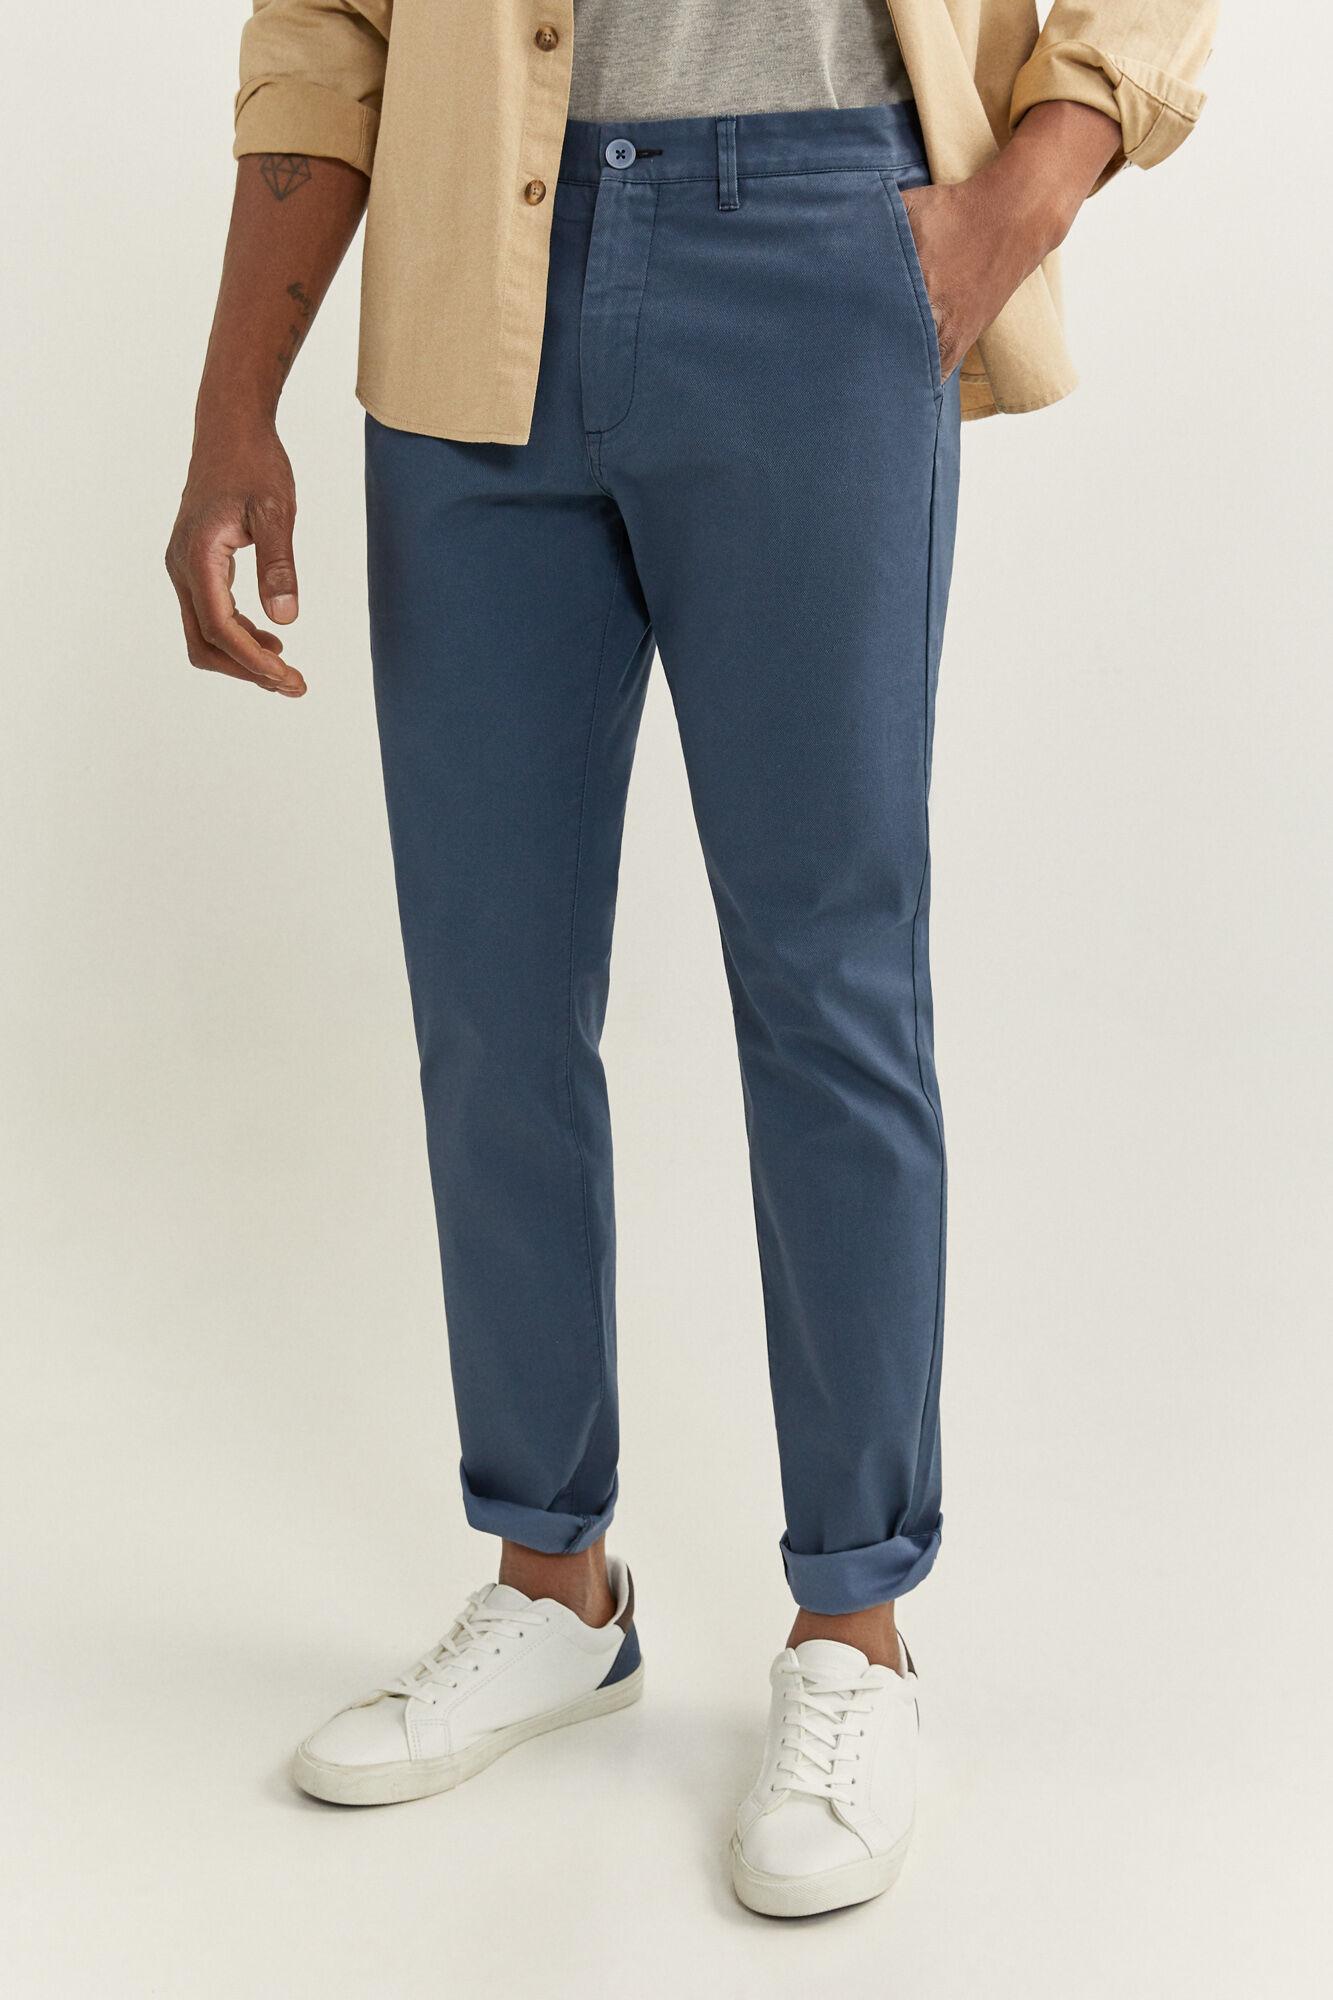 Pantalones chinos de Springfield varios colores